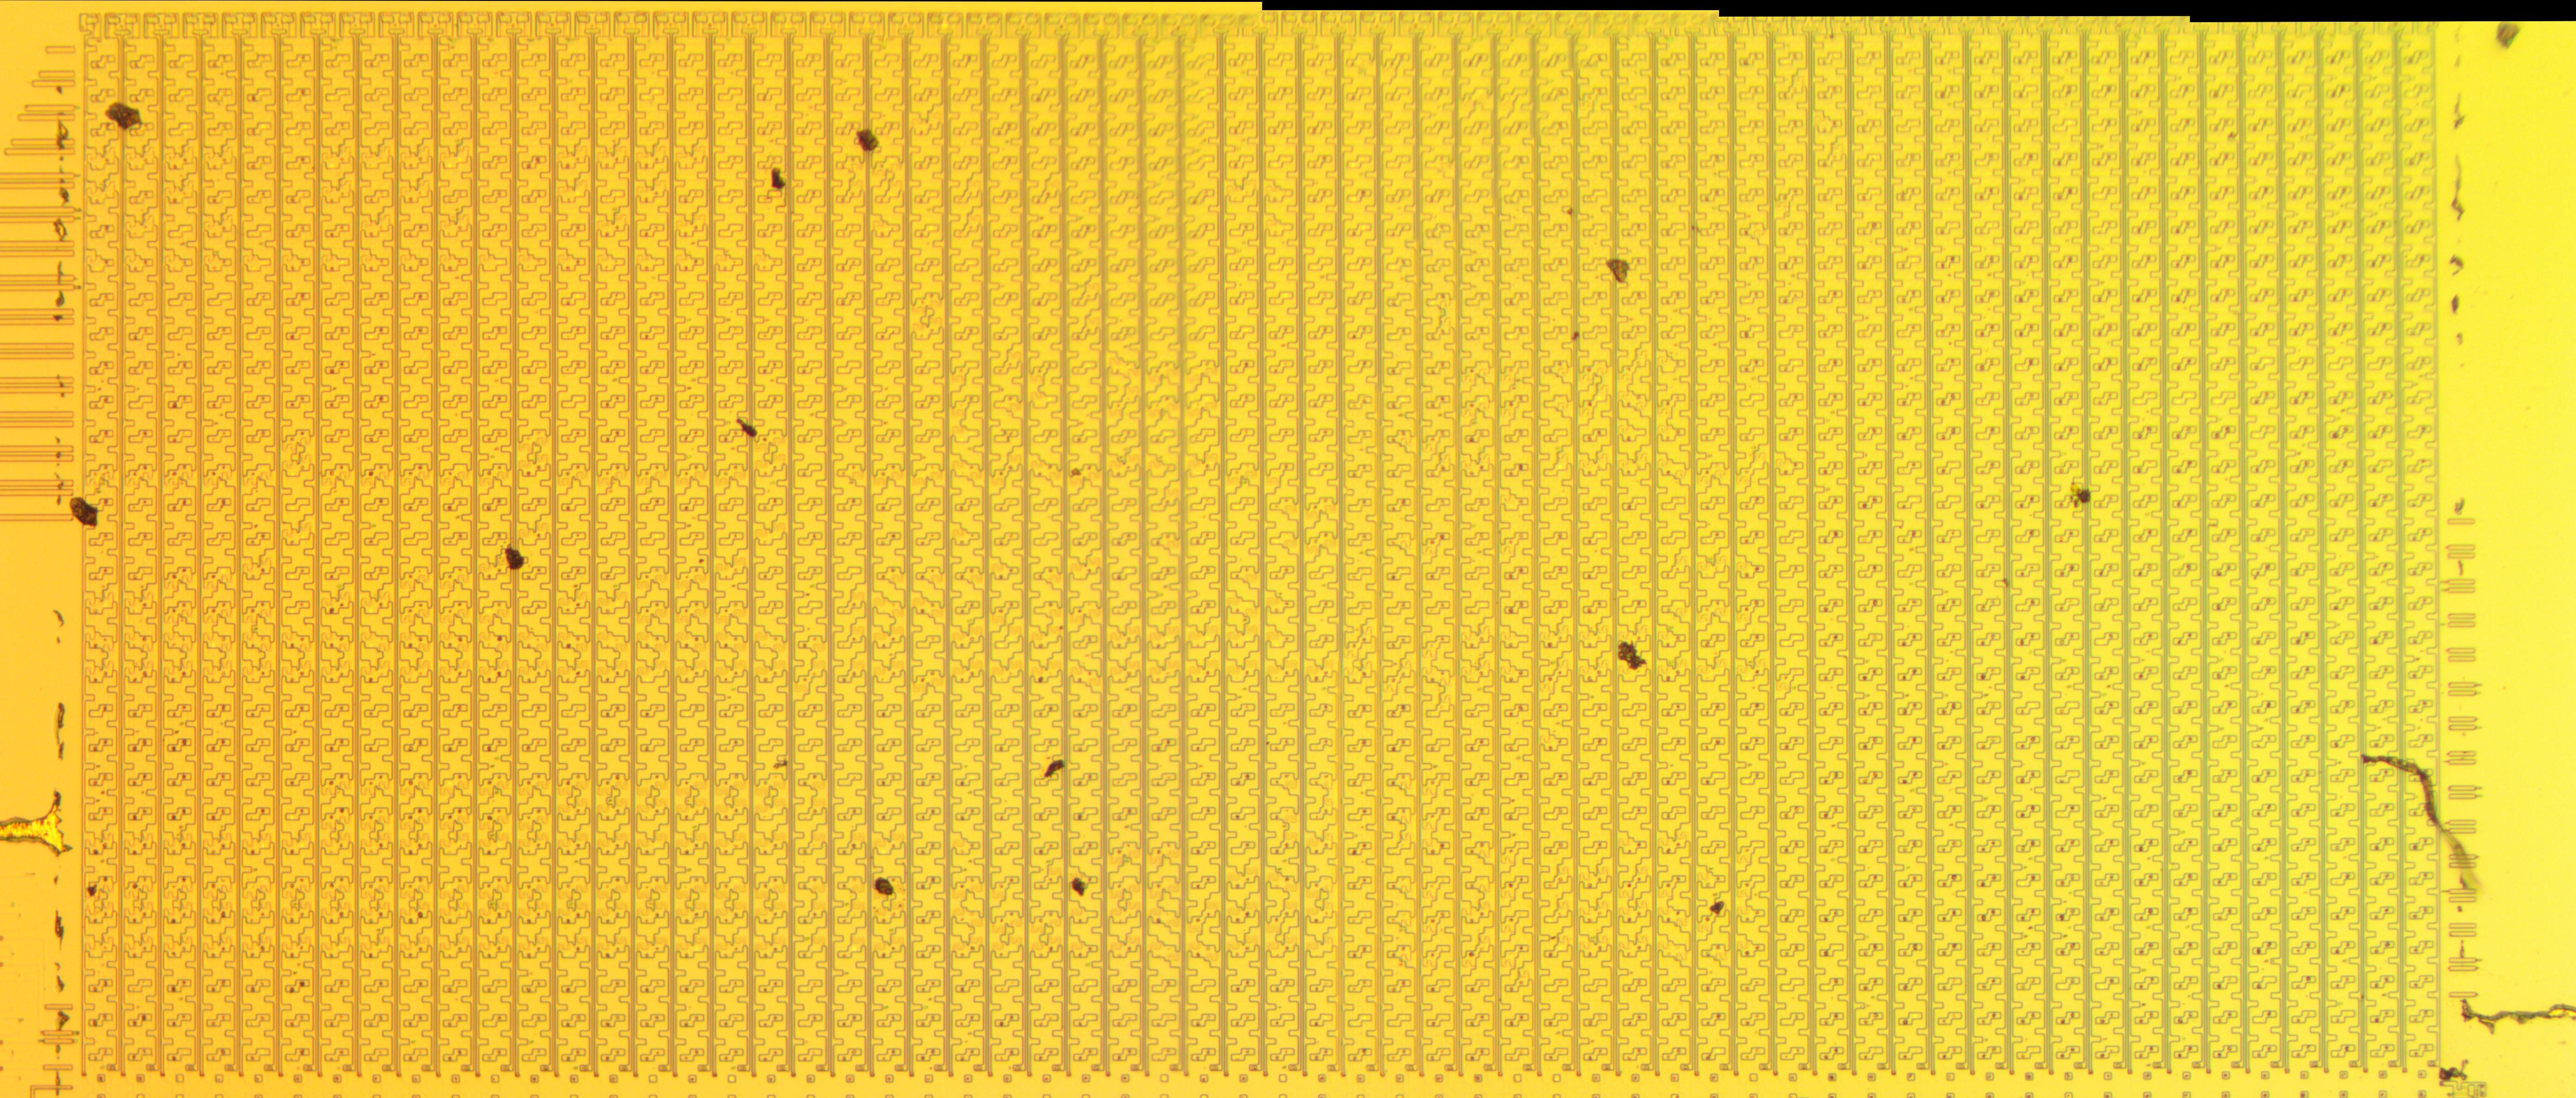 6a8737c0ca87a6686dd0a2b5430e2ccc.jpg